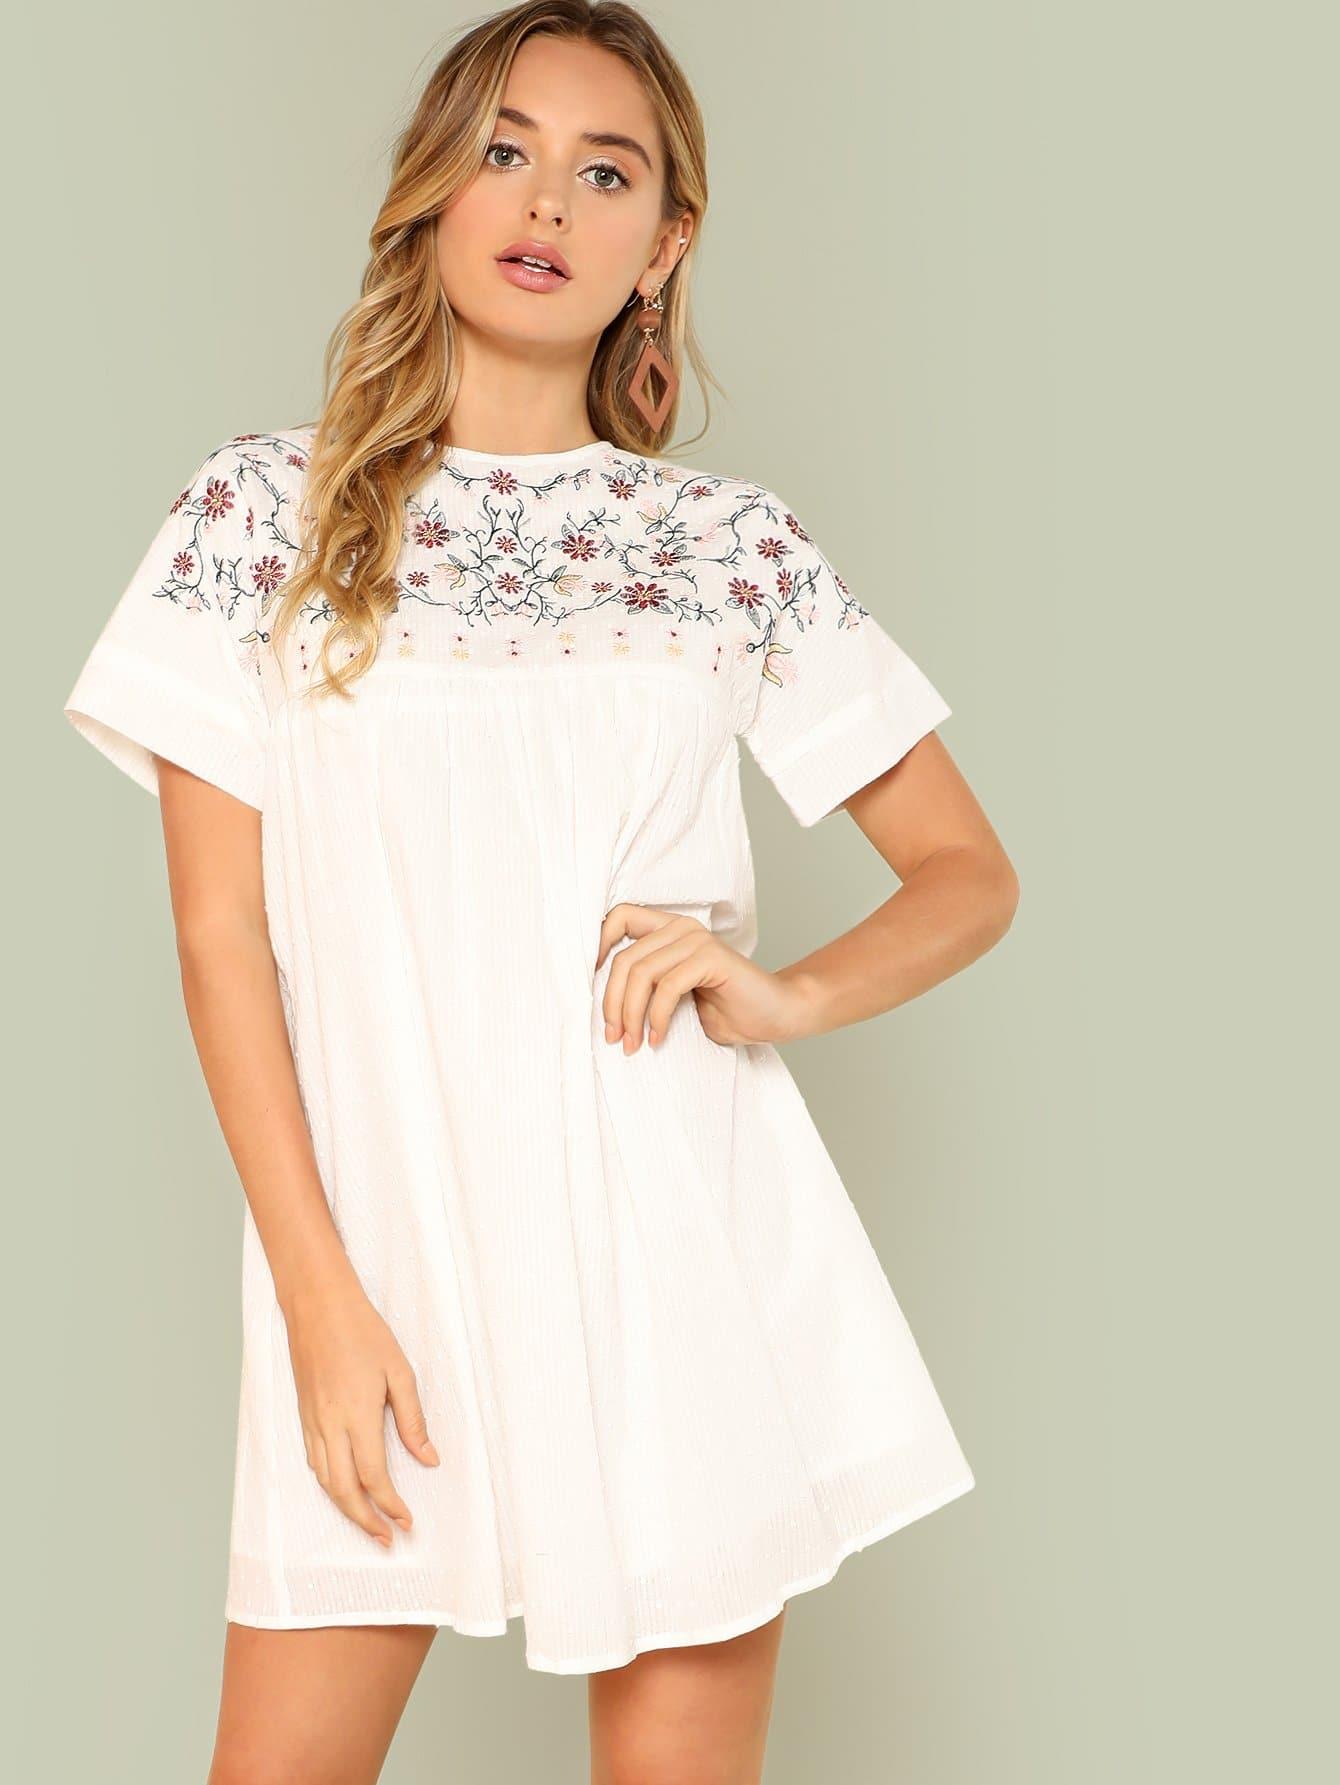 Купить Платье с вышивкой, Saskia J, SheIn